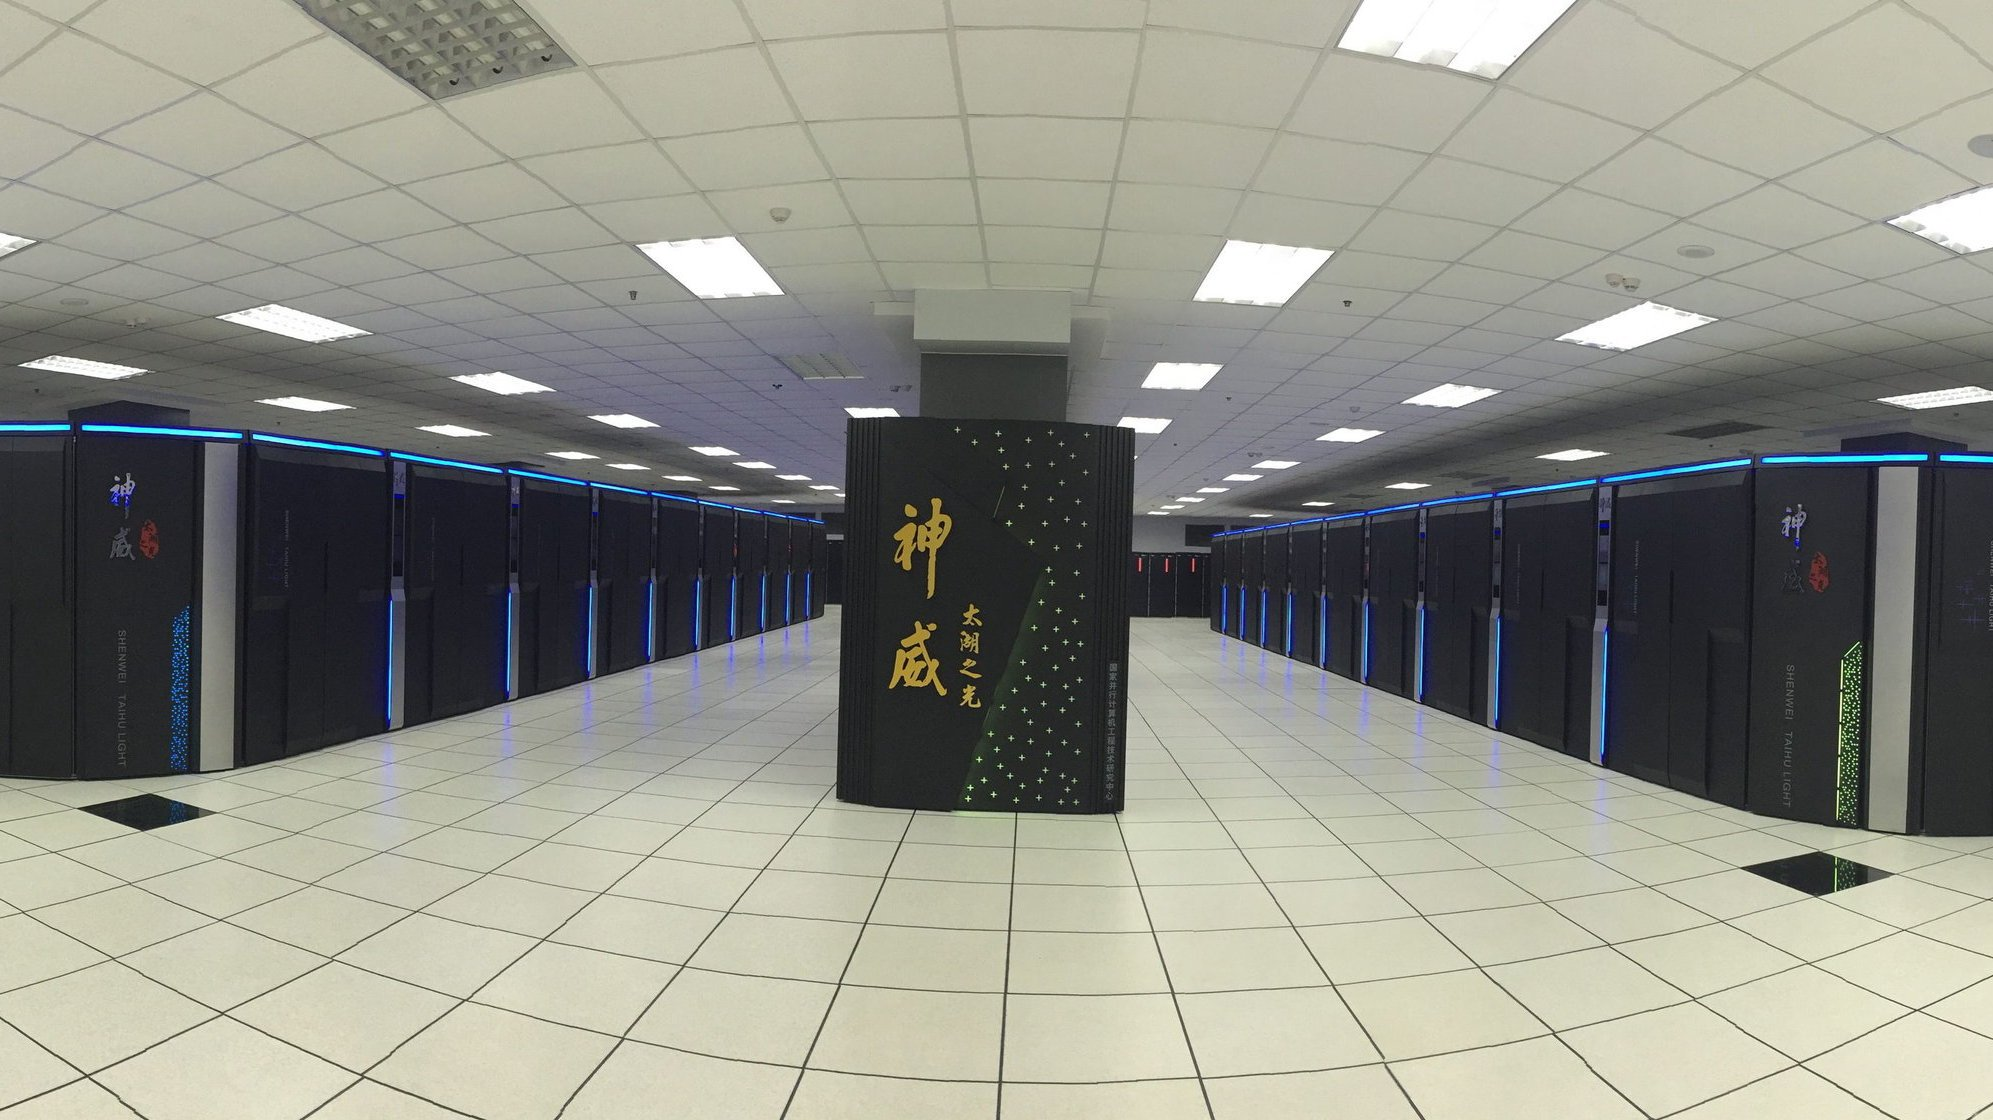 China hat die schnellsten Computer der Welt: Mit einer Spitzenleistung von rund 93 Petaflops ist der Supercomputer Sunway TaihuLight fast dreimal so schnell wie der bisherige Spitzenreiter Tianhe-2.